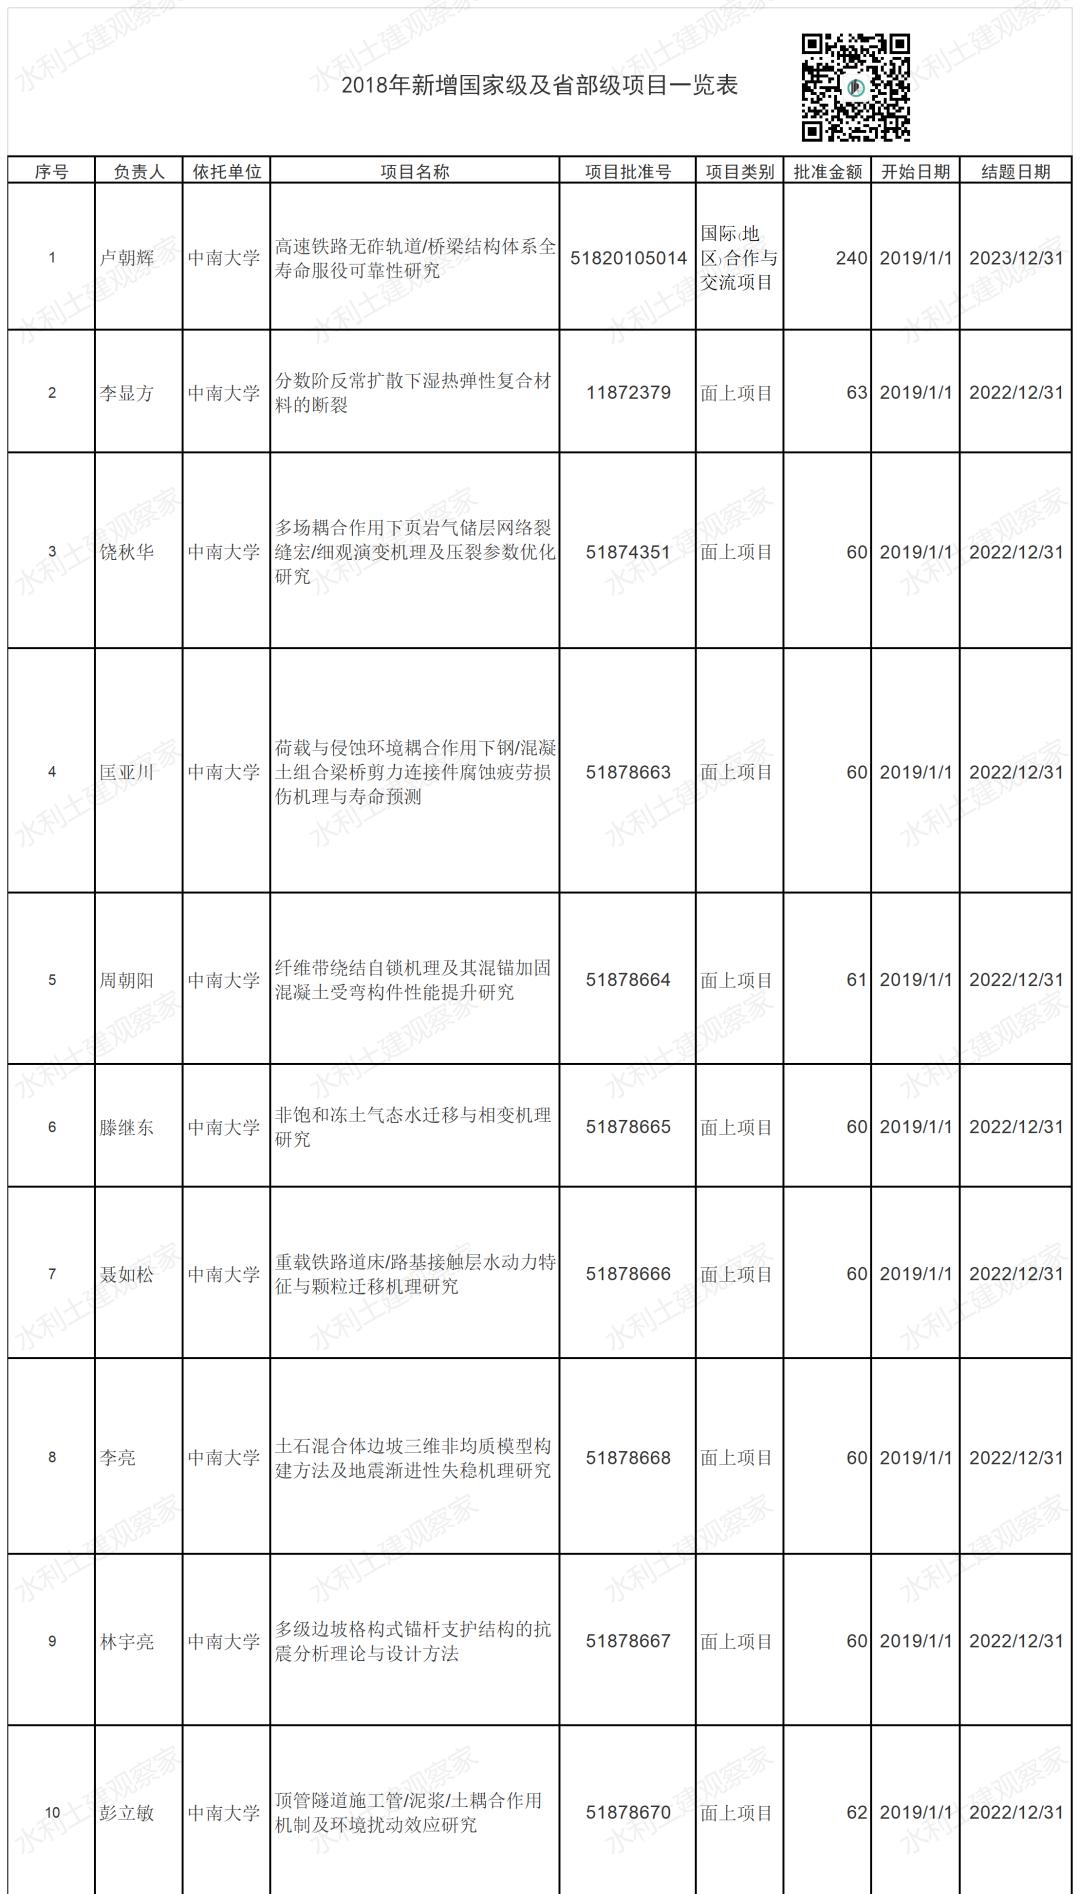 微信图片_20200820101147.png